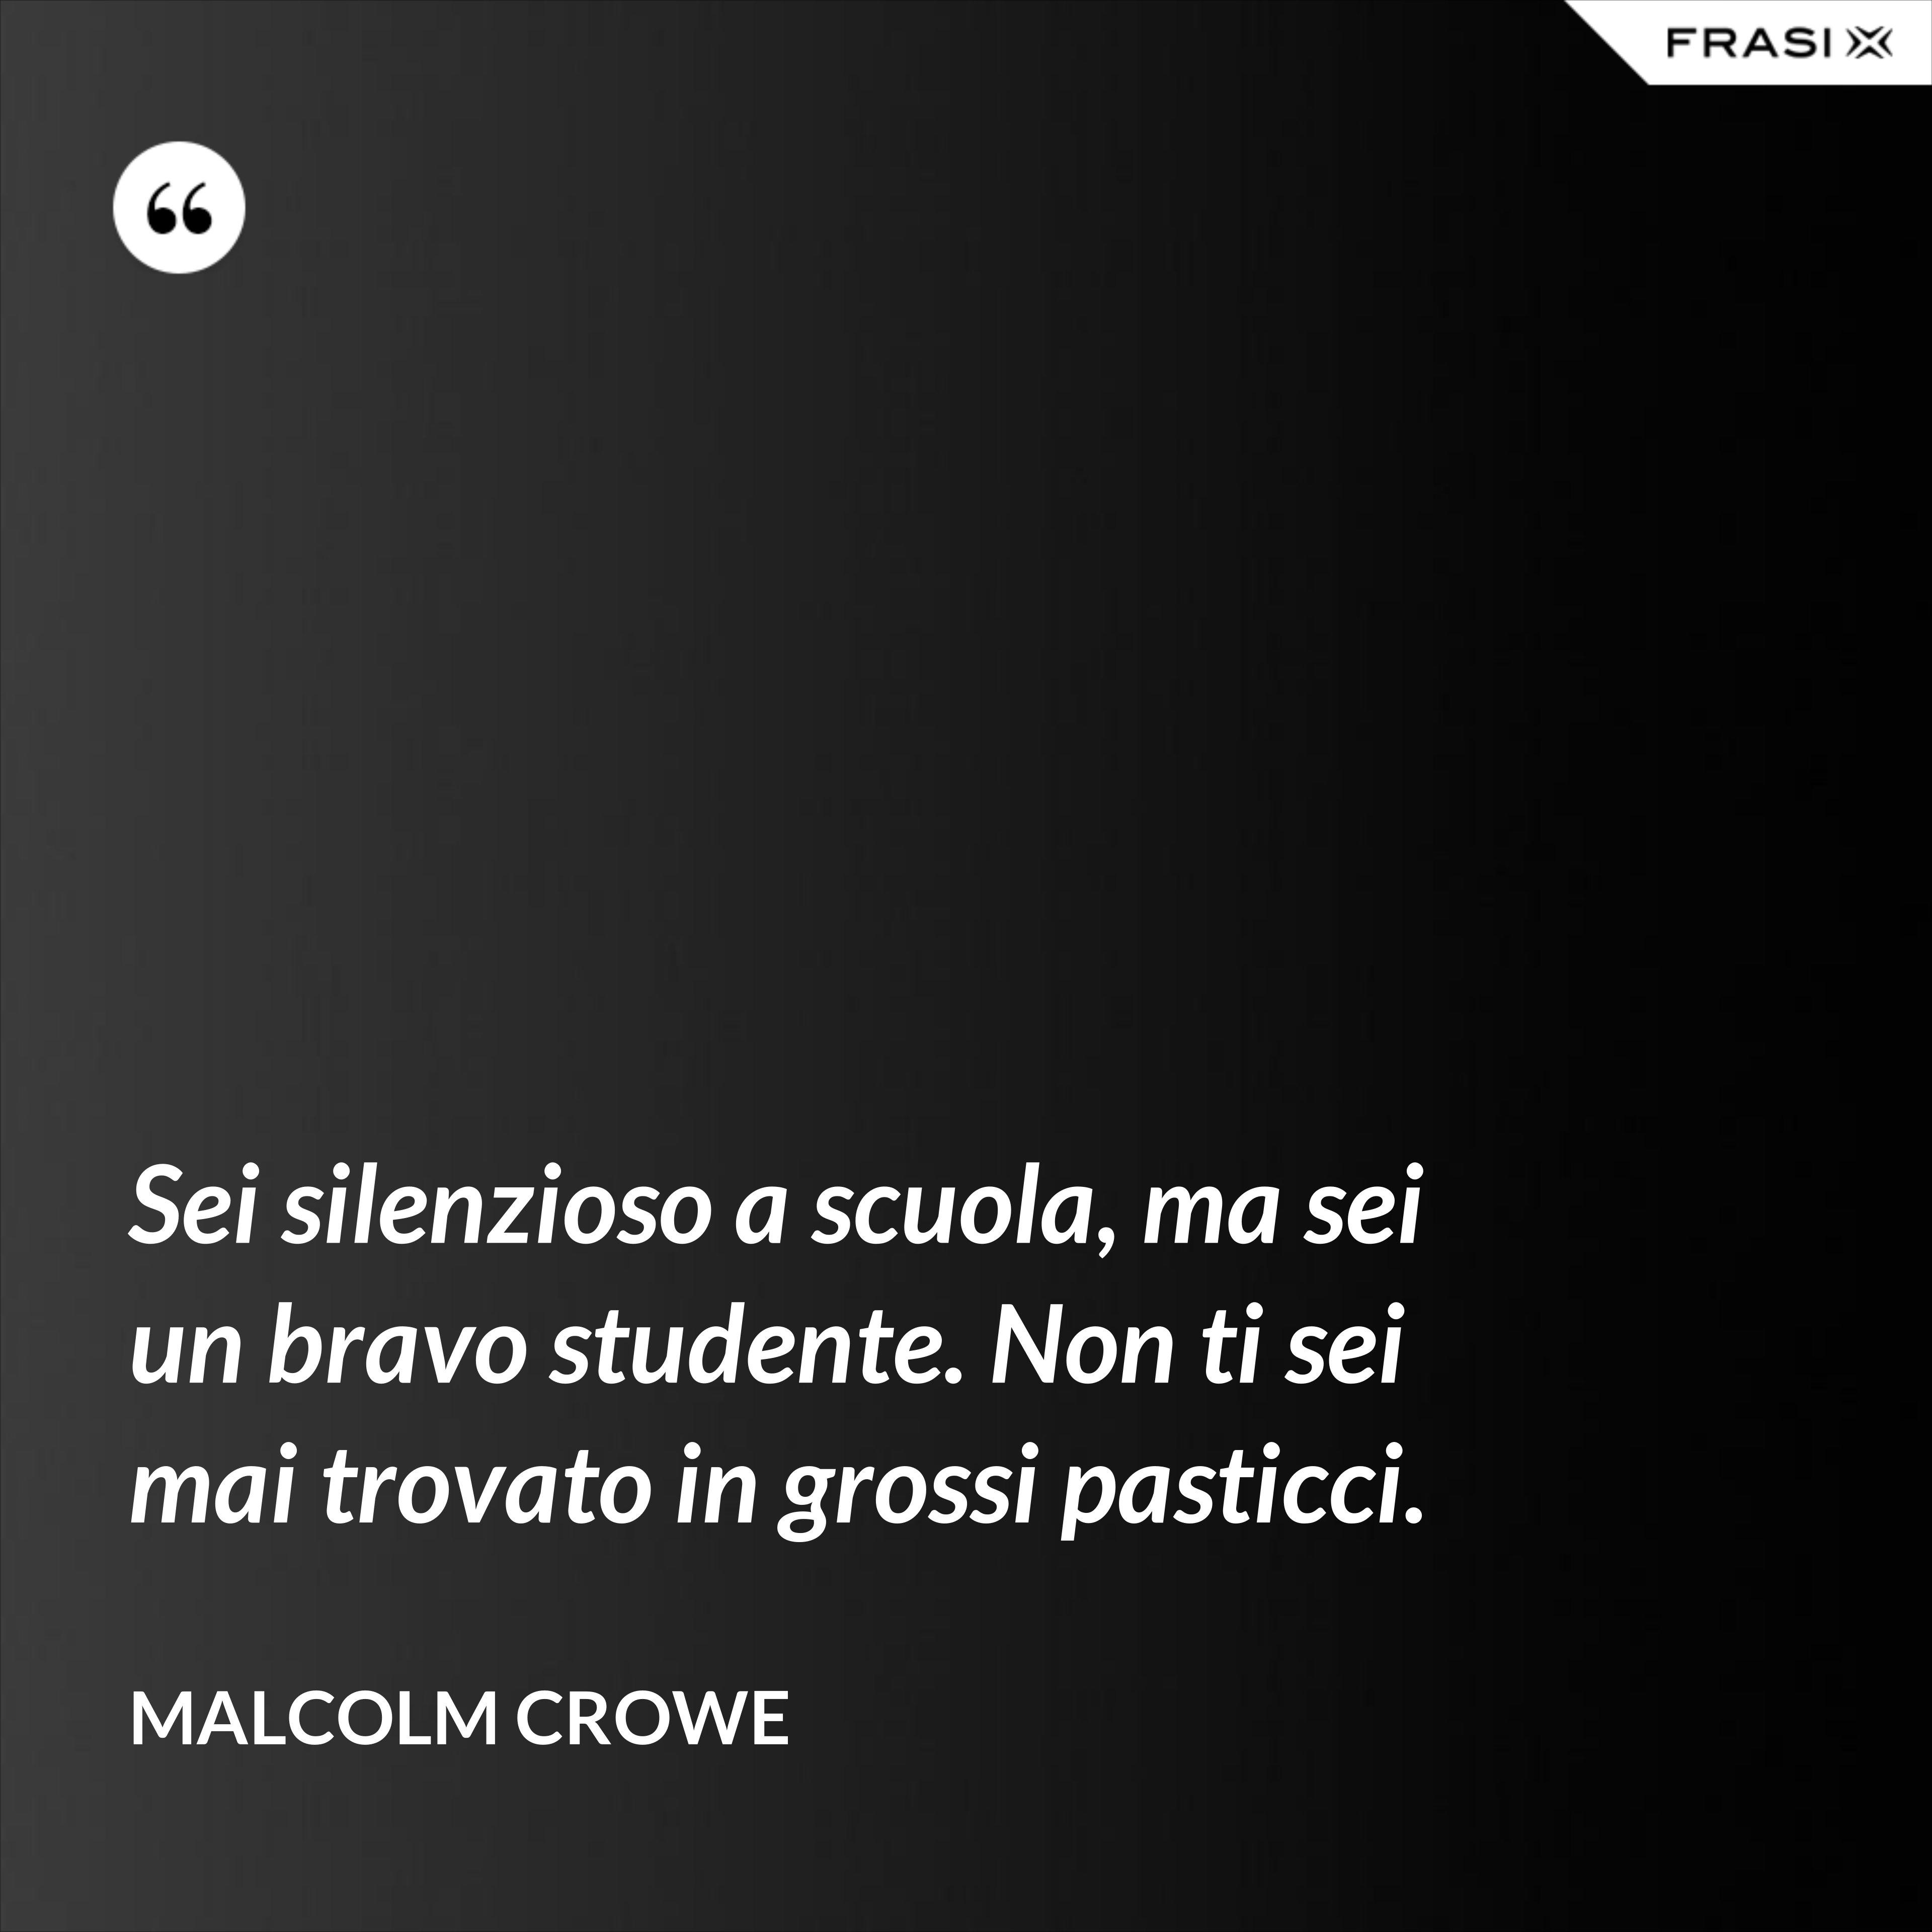 Sei silenzioso a scuola, ma sei un bravo studente. Non ti sei mai trovato in grossi pasticci. - Malcolm Crowe